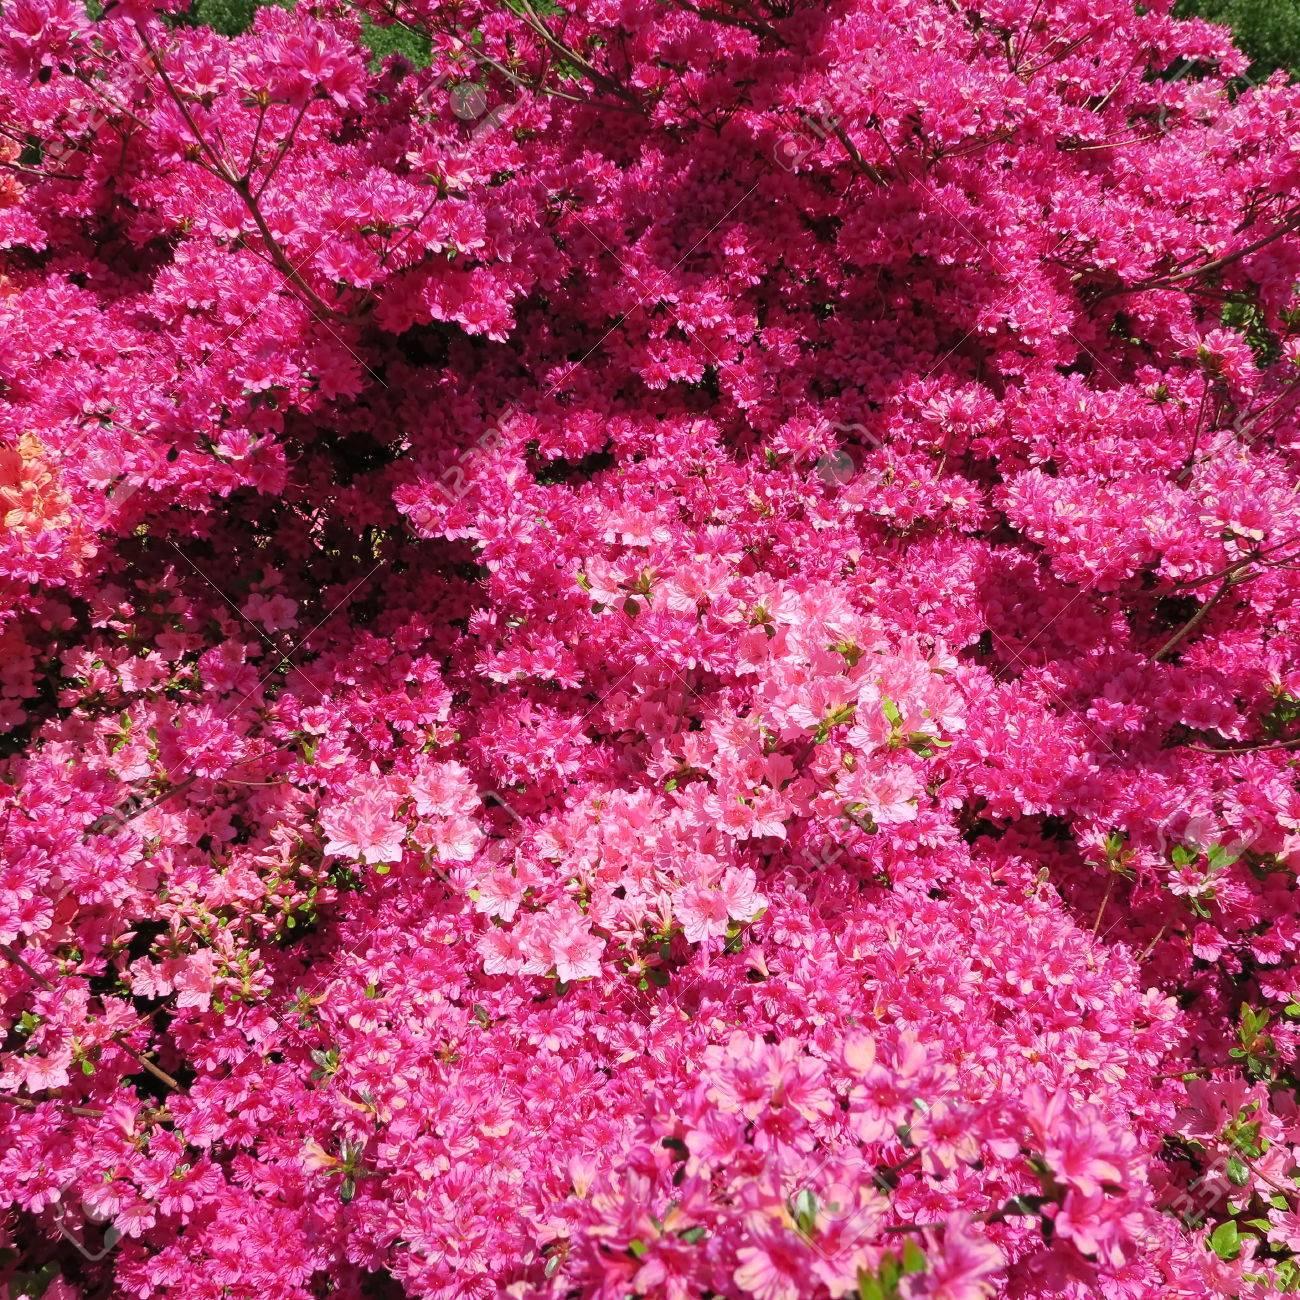 Ansprechend Blumen Mai Galerie Von Standard-bild - Viele Bunte Blühen Im Von